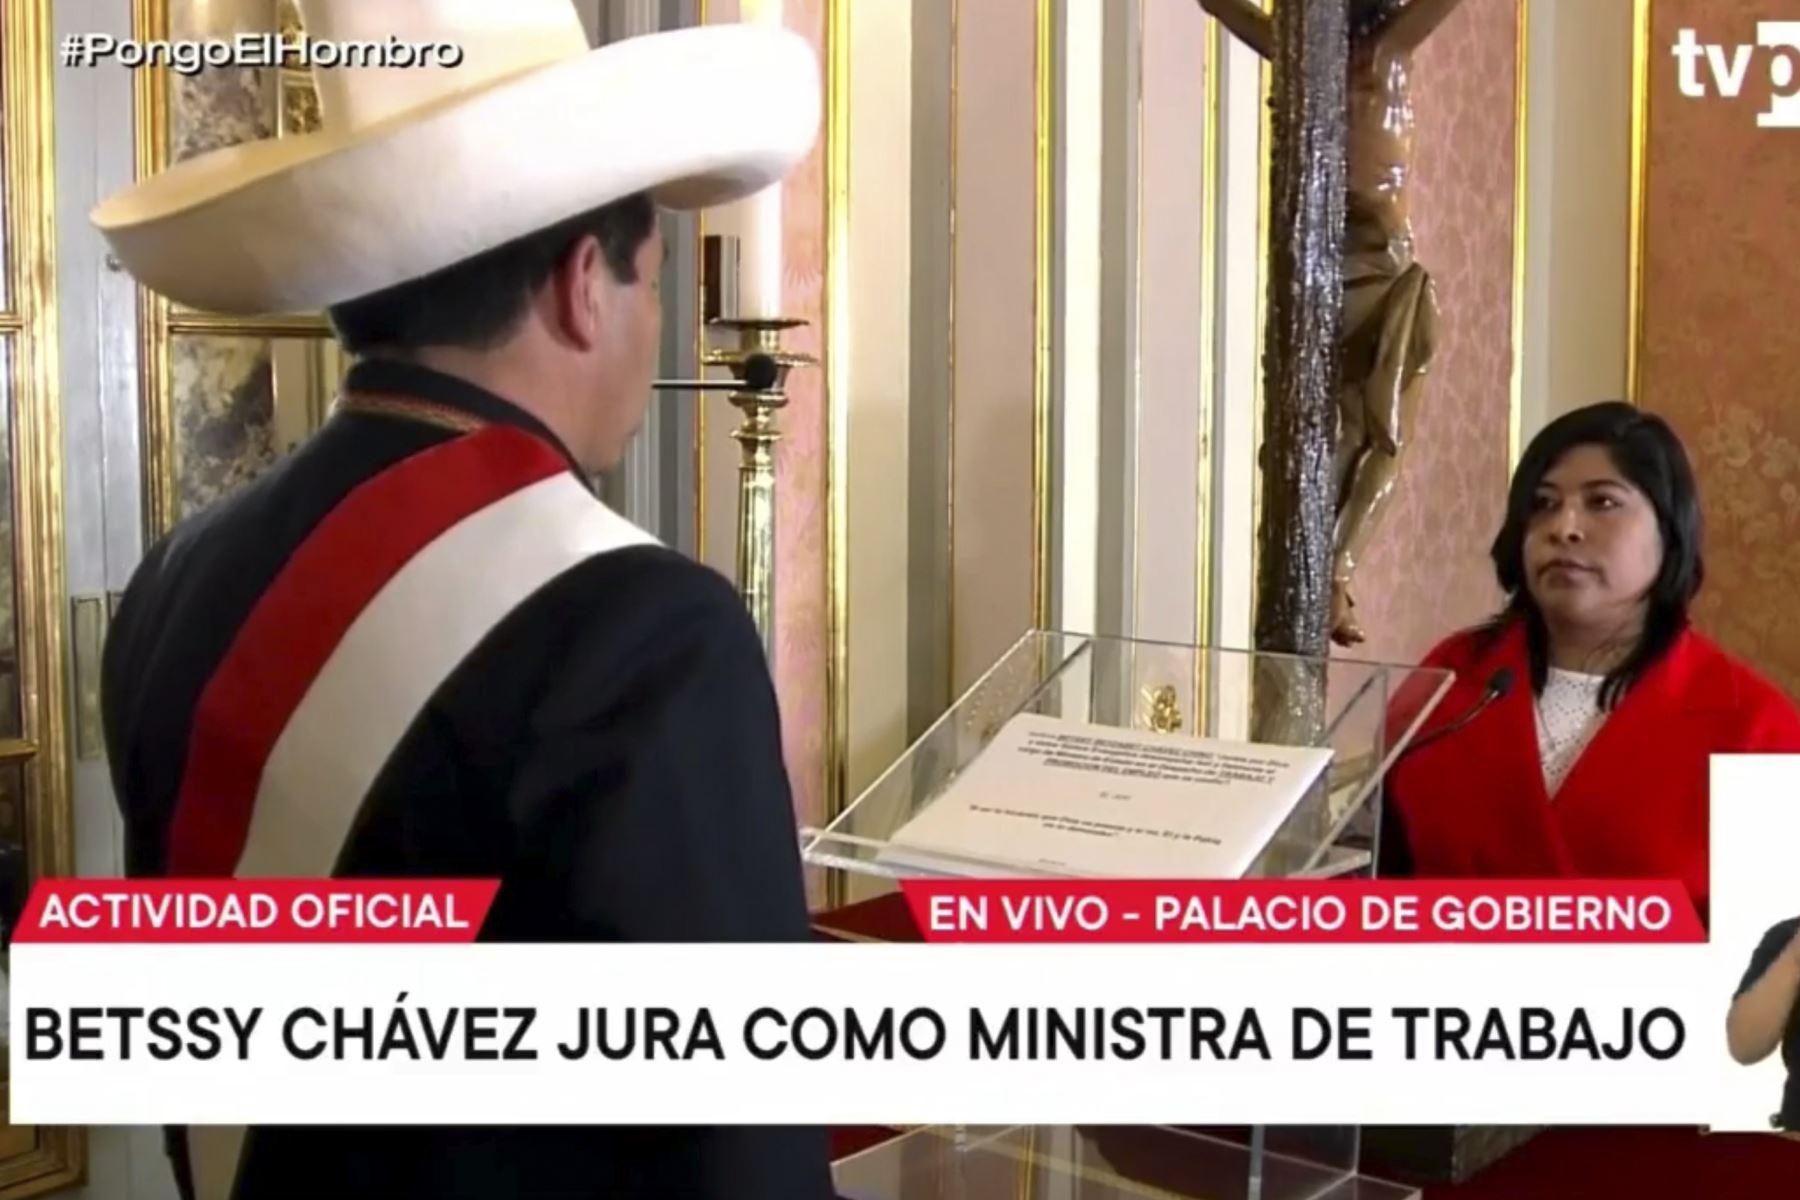 Betssy Chávez jura como ministra de Trabajo y Promoción del Empleo